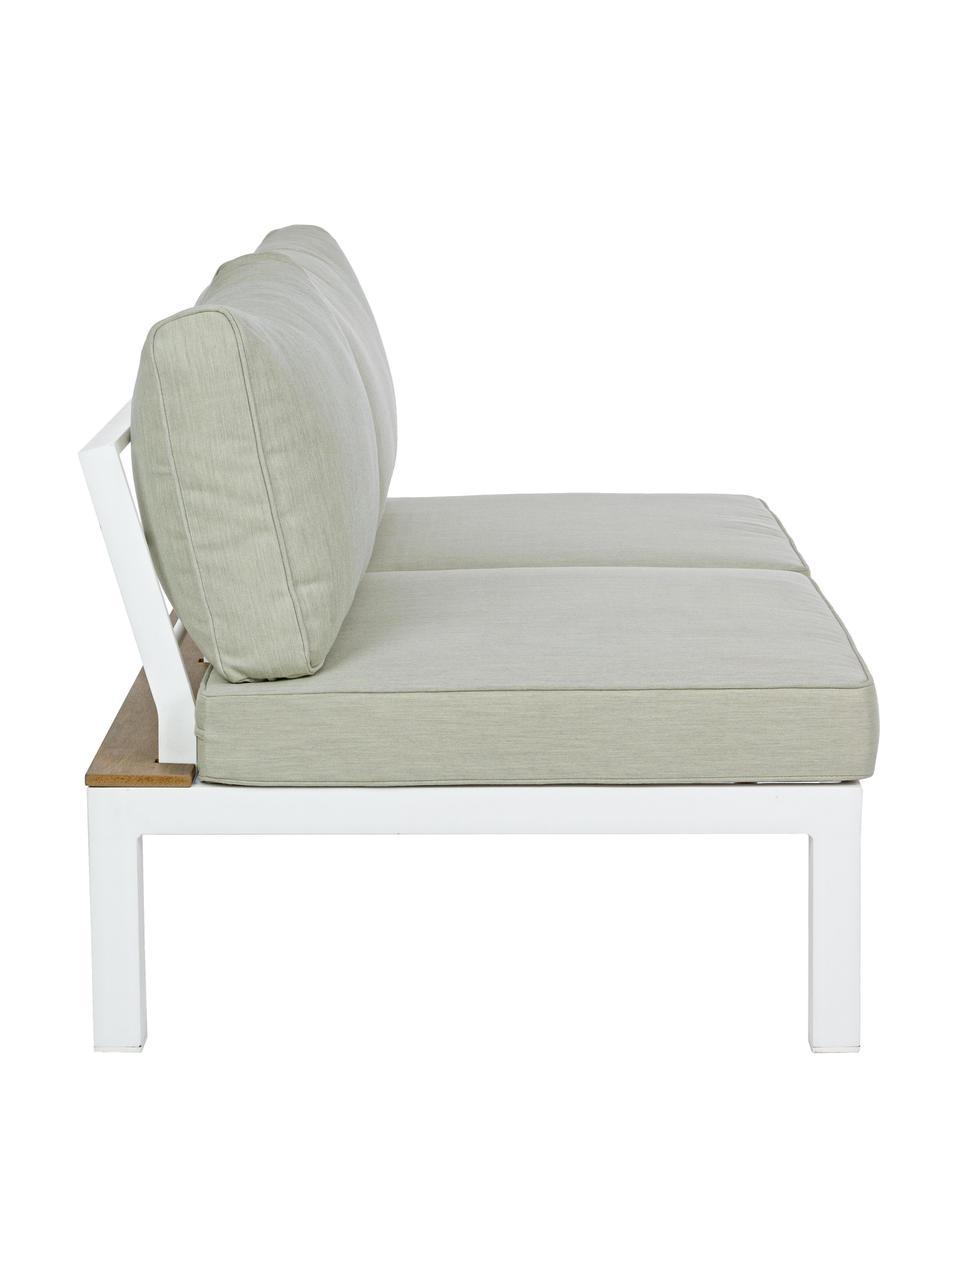 Outdoor loungeset Elias, 4-delig , Frame: gepoedercoat aluminium, Zitvlak: gecoat multiplex, Wit, teakhoutkleurig, beige, Set met verschillende formaten